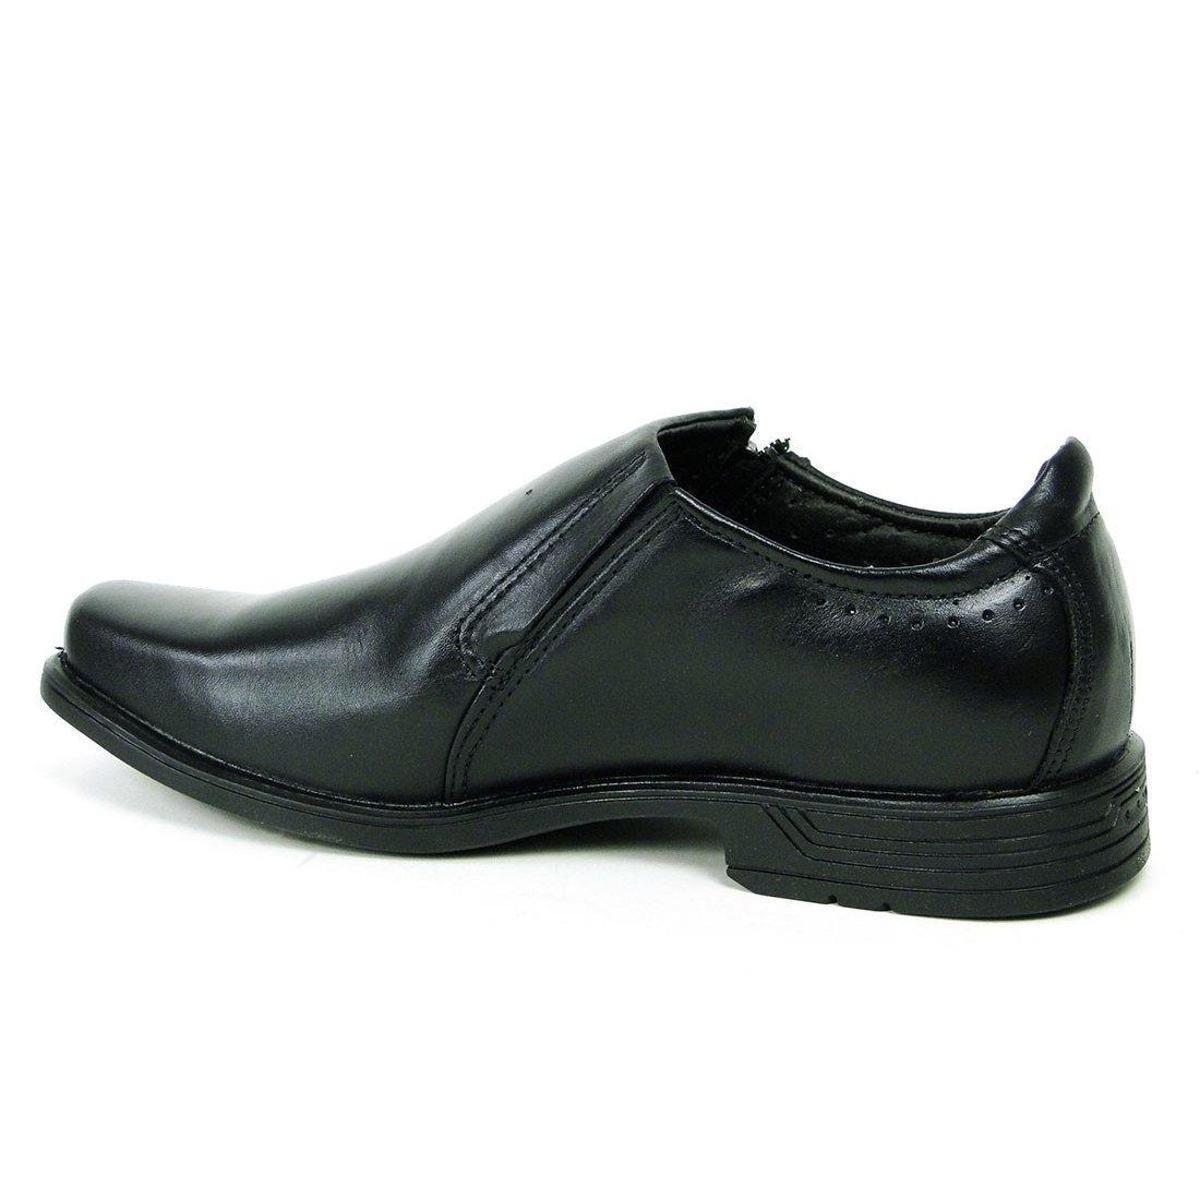 Zíper Zíper Preto Sapato Social Pegada com Pegada Sapato com Social Sapato Preto qXpxXwvU